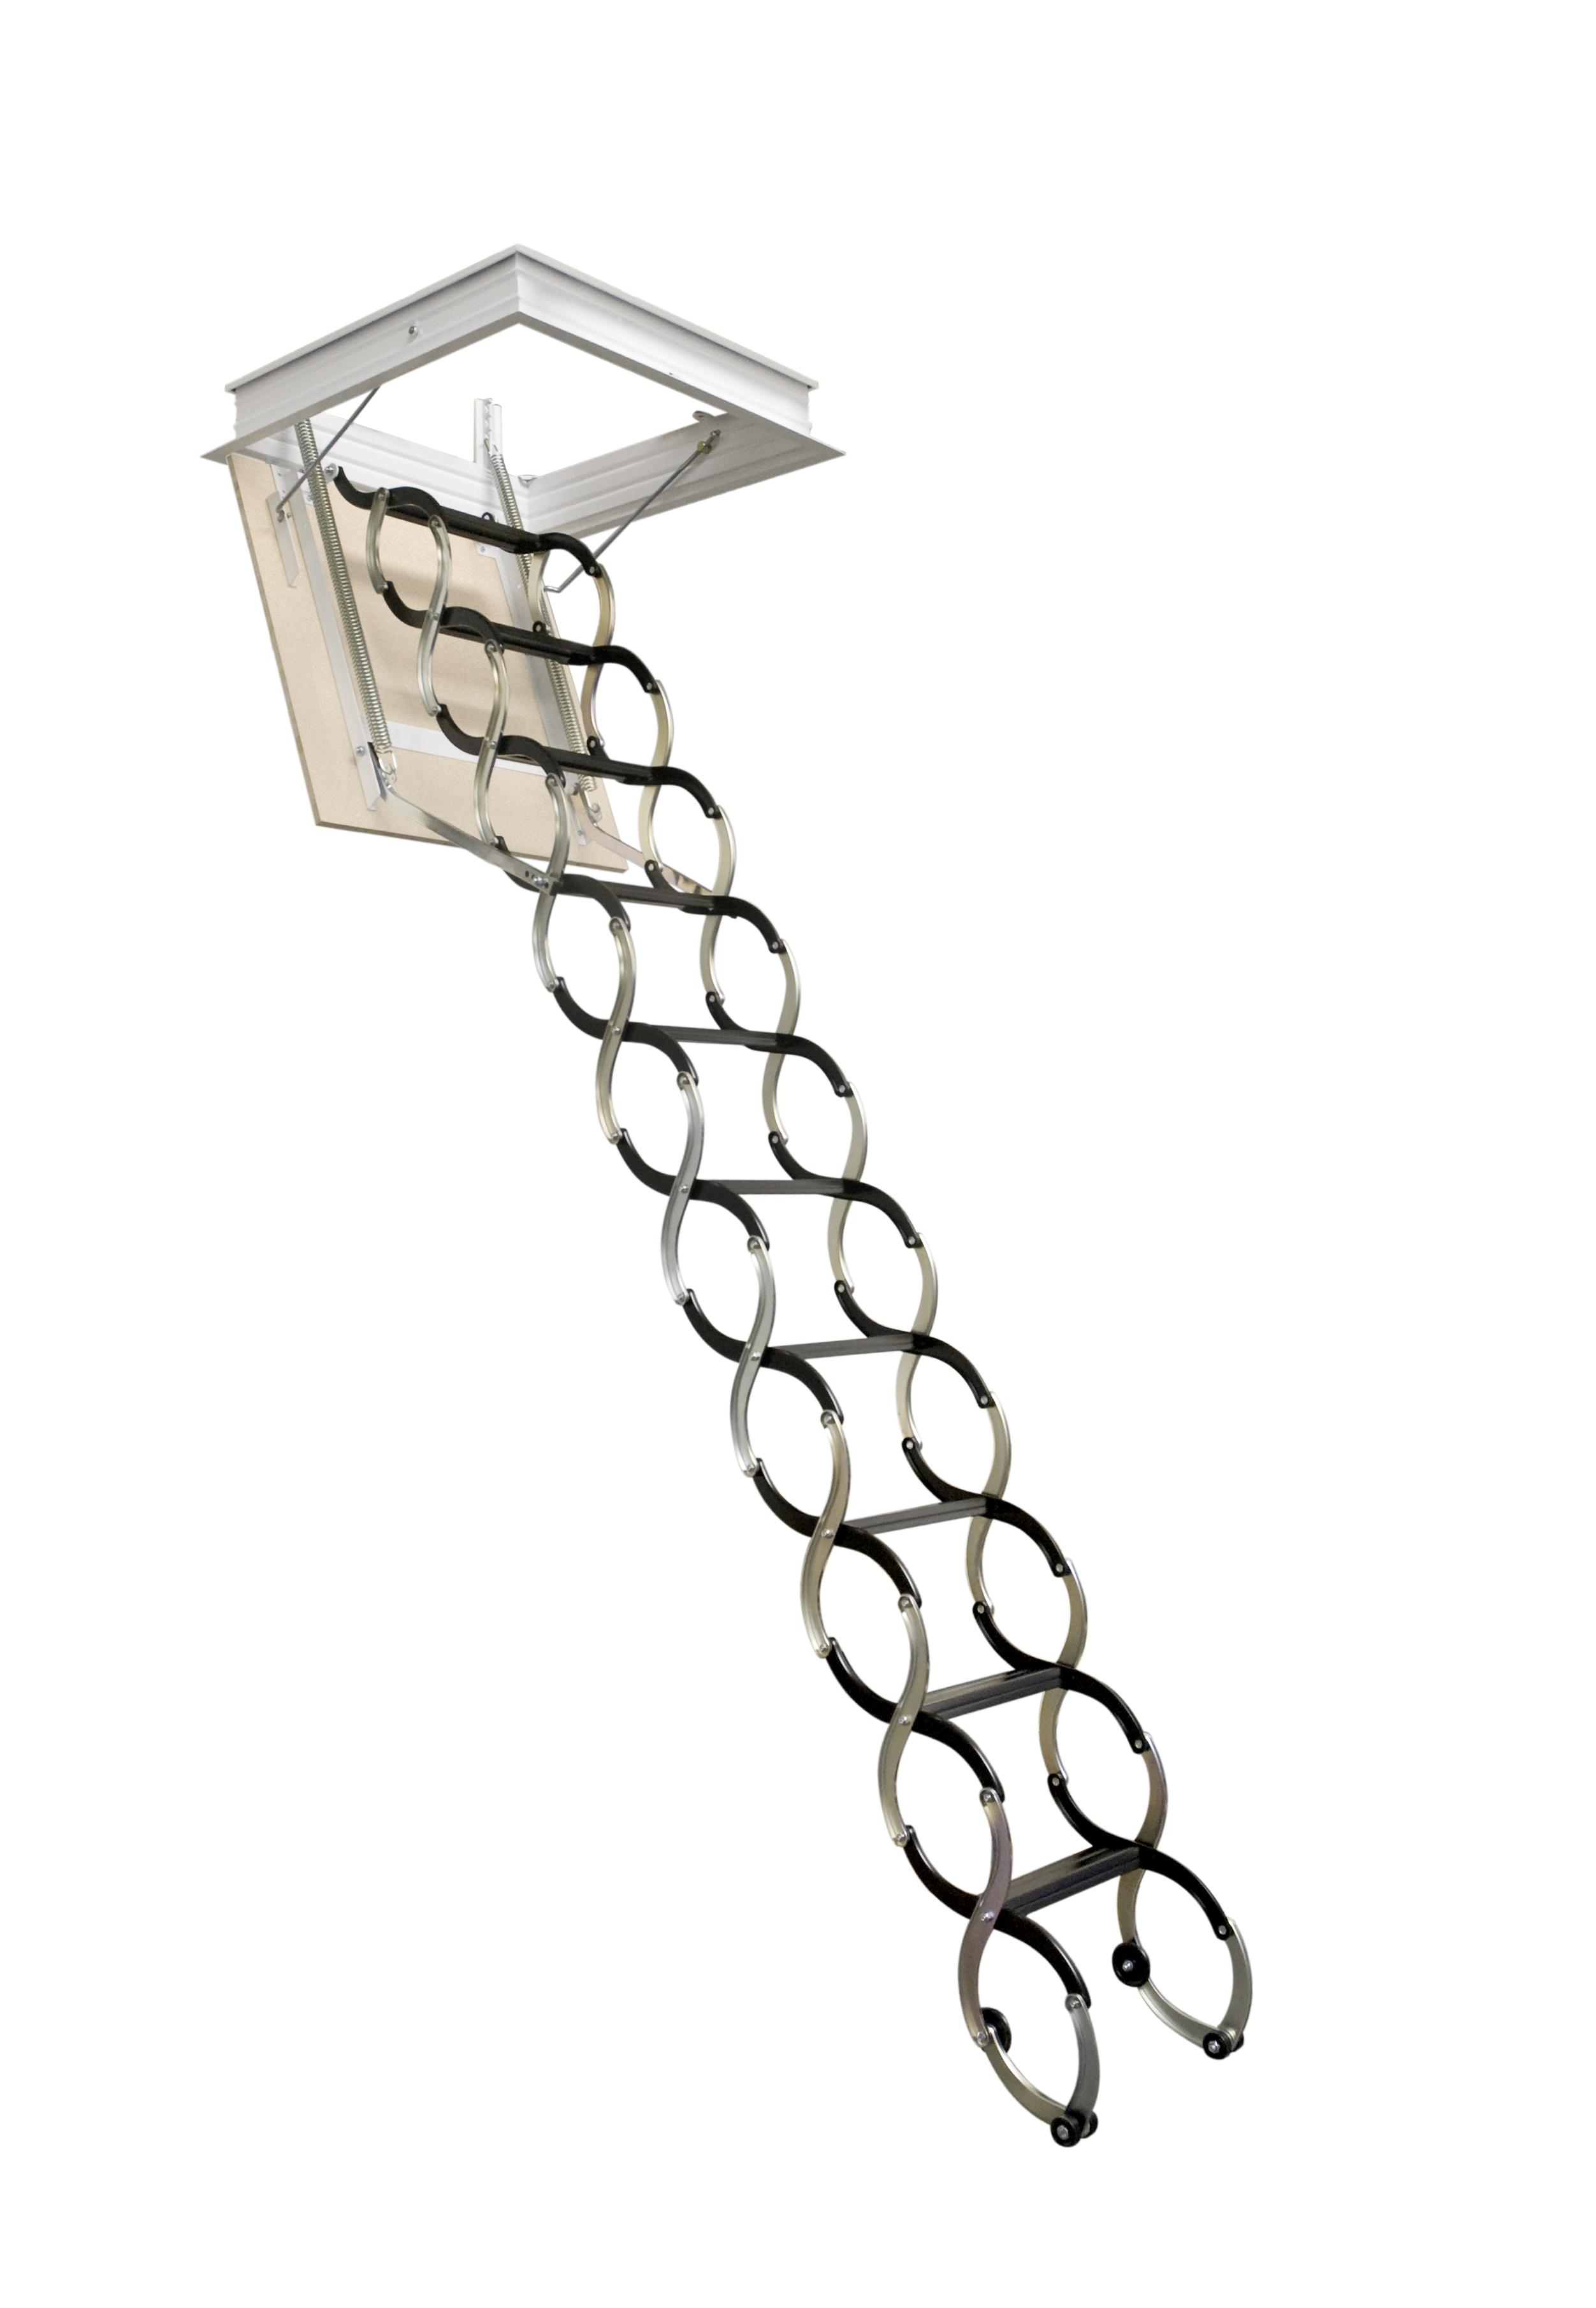 Pudni stahovaci schody LUSSO foto zdroj JAP FUTURE